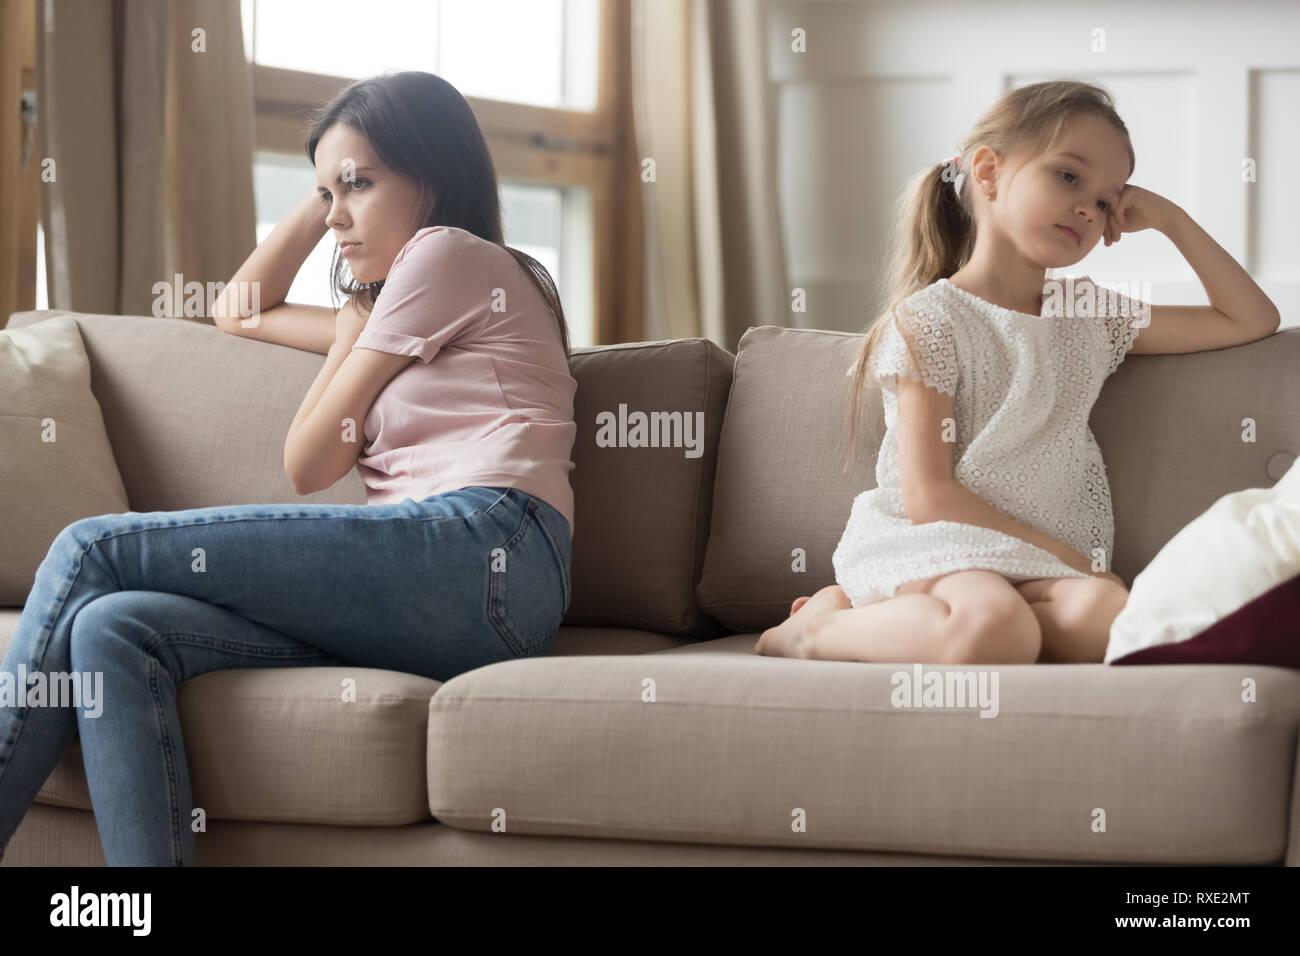 La mère et l'enfant têtu girl sitting refoulés sur canapé Banque D'Images